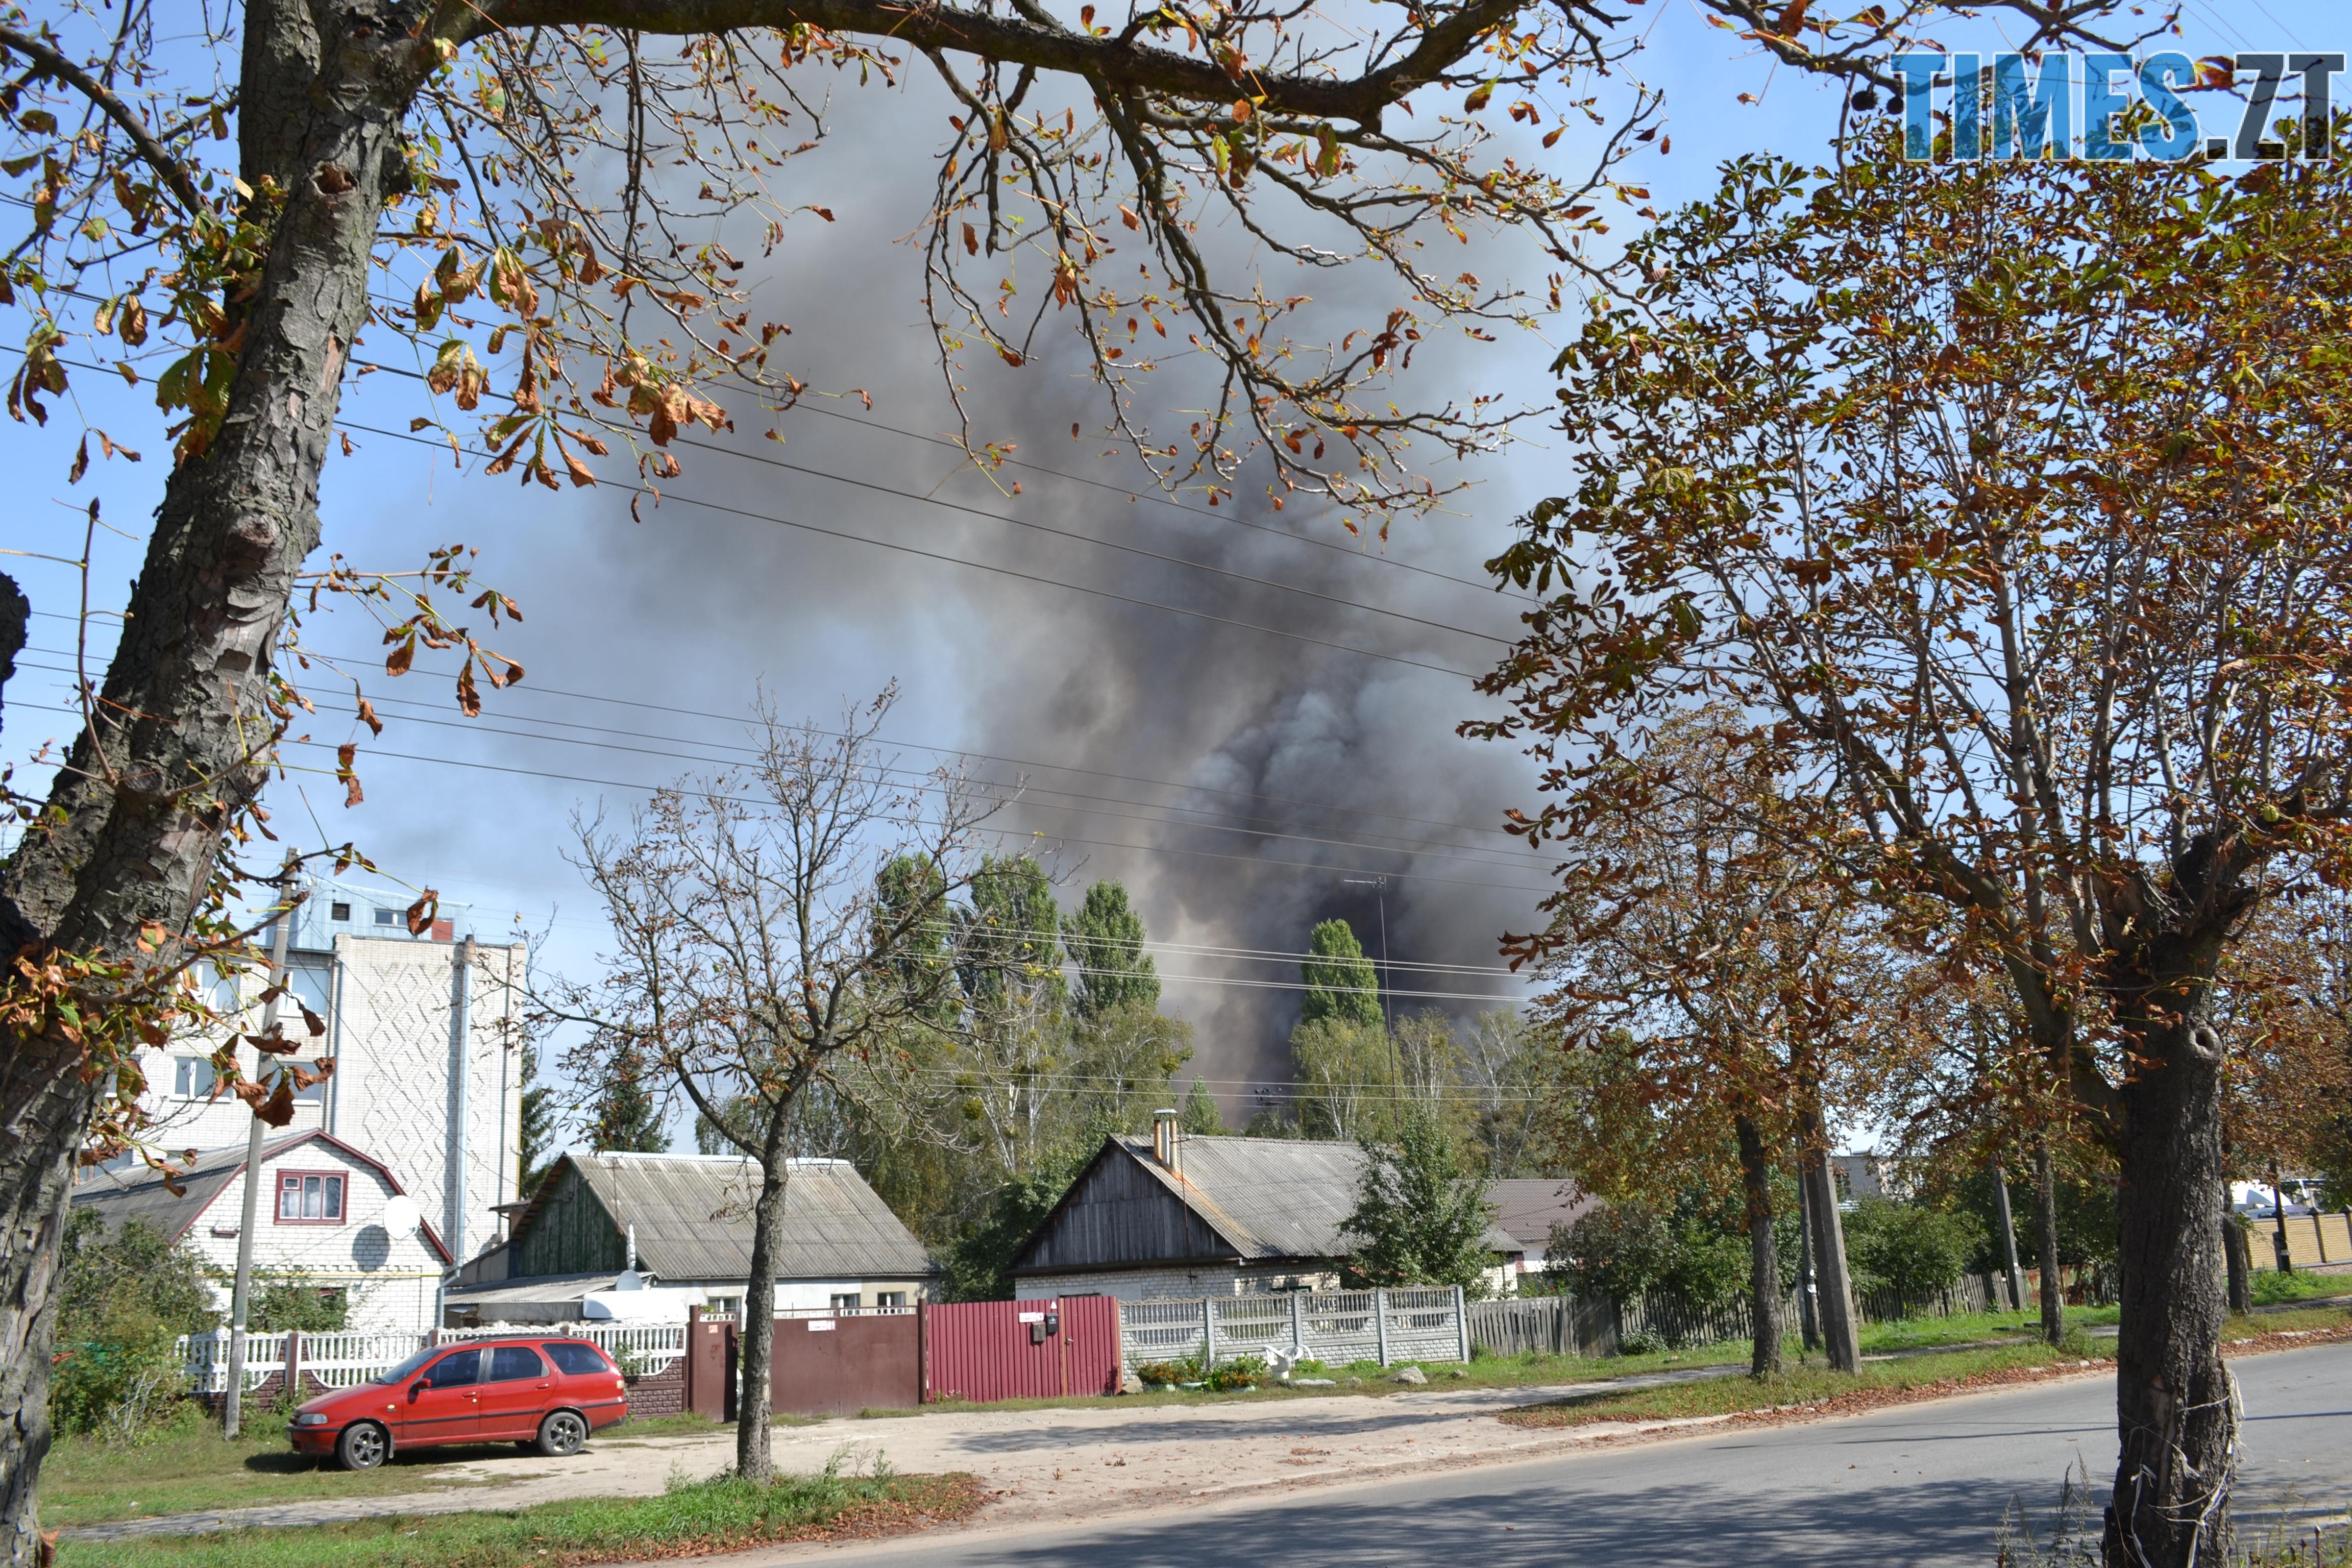 DSC 2884 - Вогонь перекинувся на адмінбудівлю Картонного комбінату: пожежу гасять 11 автомобілів та 63 пожежники (ФОТО, ВІДЕО)